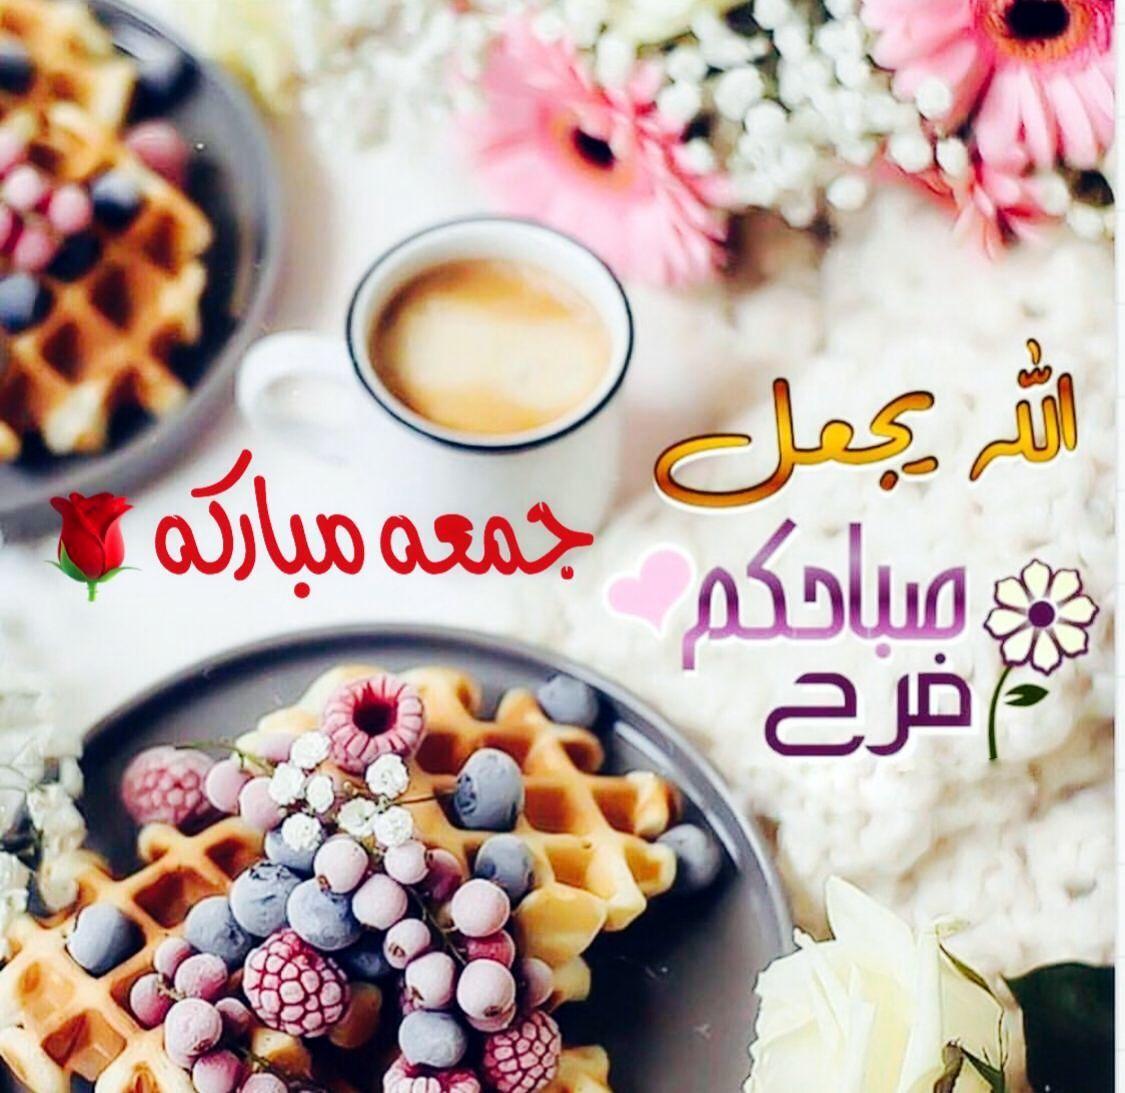 الله يجعل صباحكم فرح جمعة مباركة Good Morning Gif Morning Gif Food